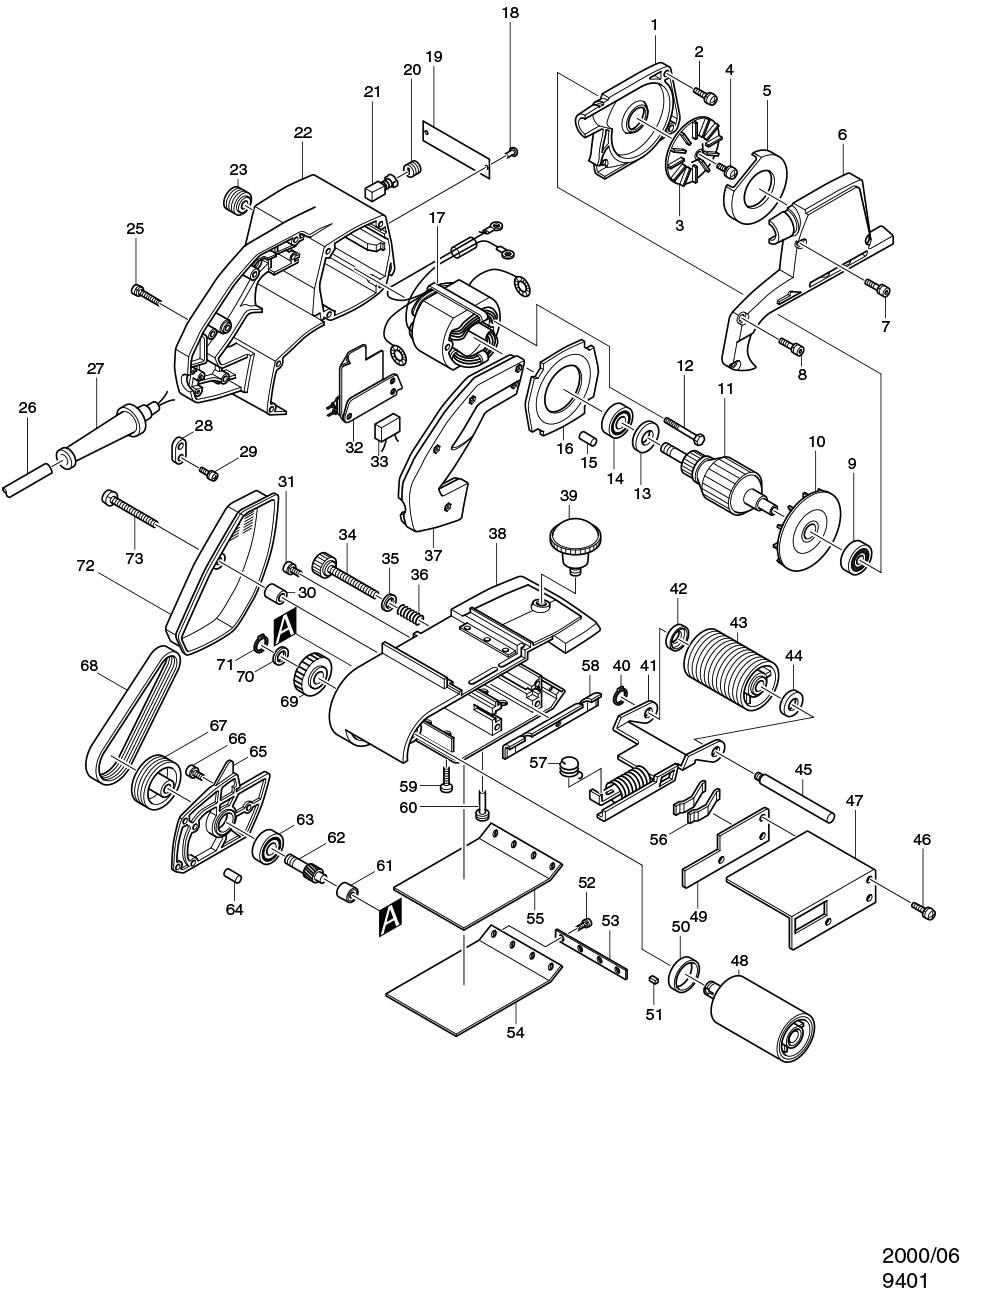 NEU Original Makita 9403 BELT SANDER 100MM Repair Spare Parts Replacement